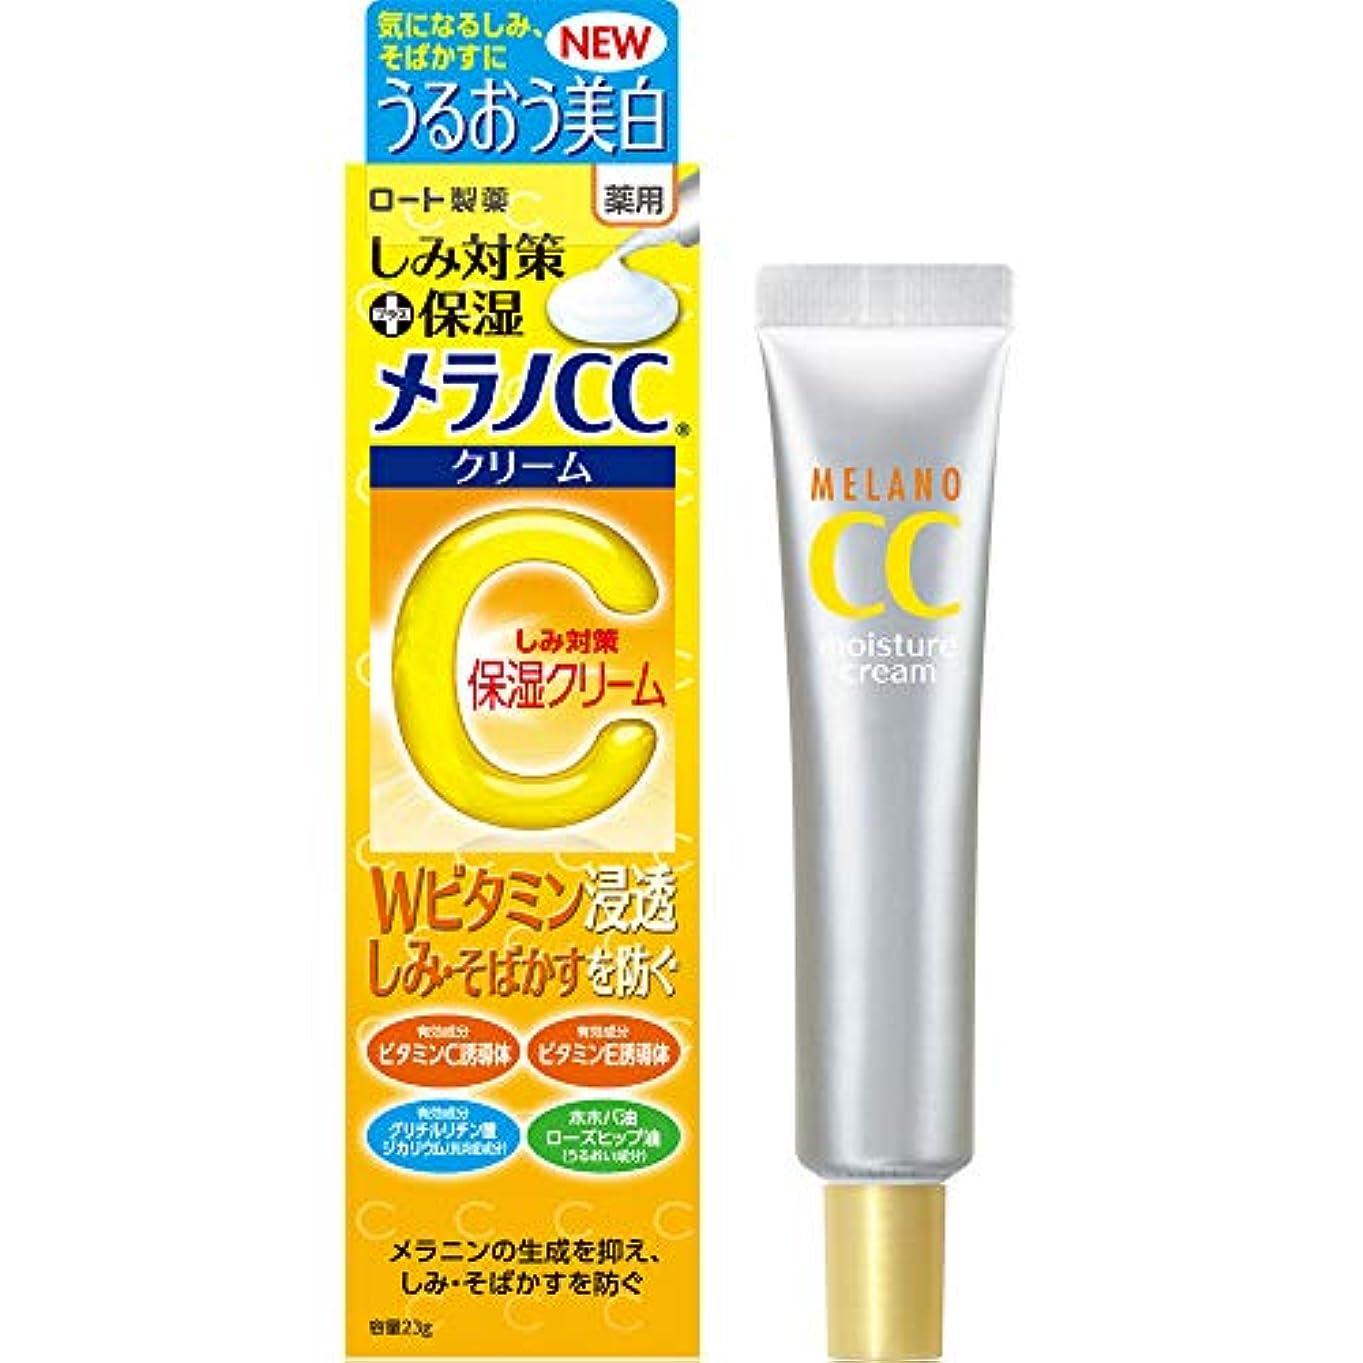 タイピストスリッパセッティングメラノCC 薬用しみ対策 保湿クリーム 23g